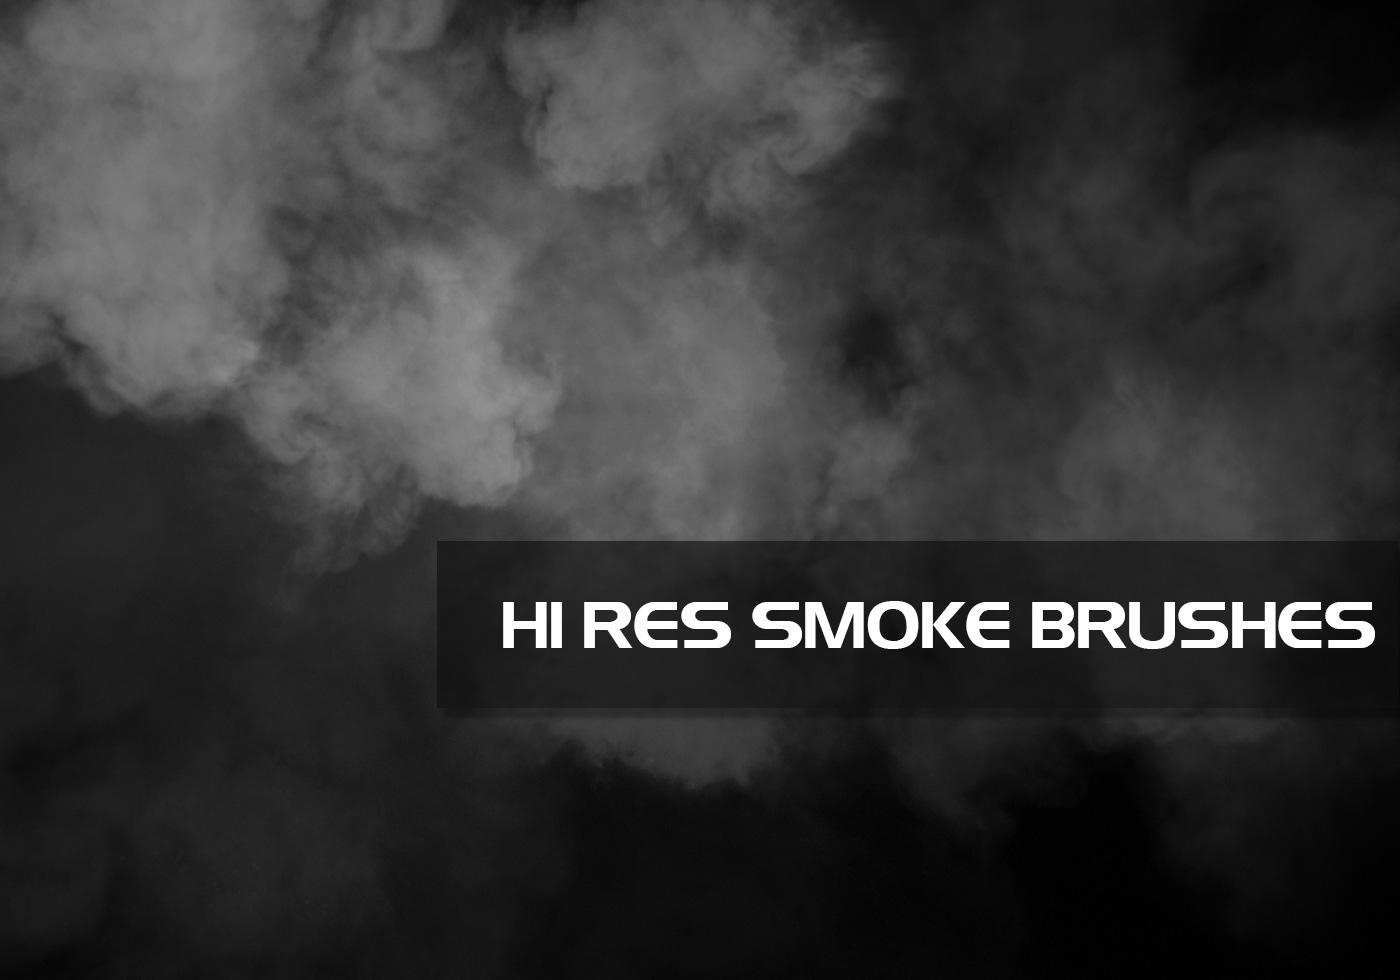 Krist's Smoke Brushes - Free Photoshop Brushes at Brusheezy!